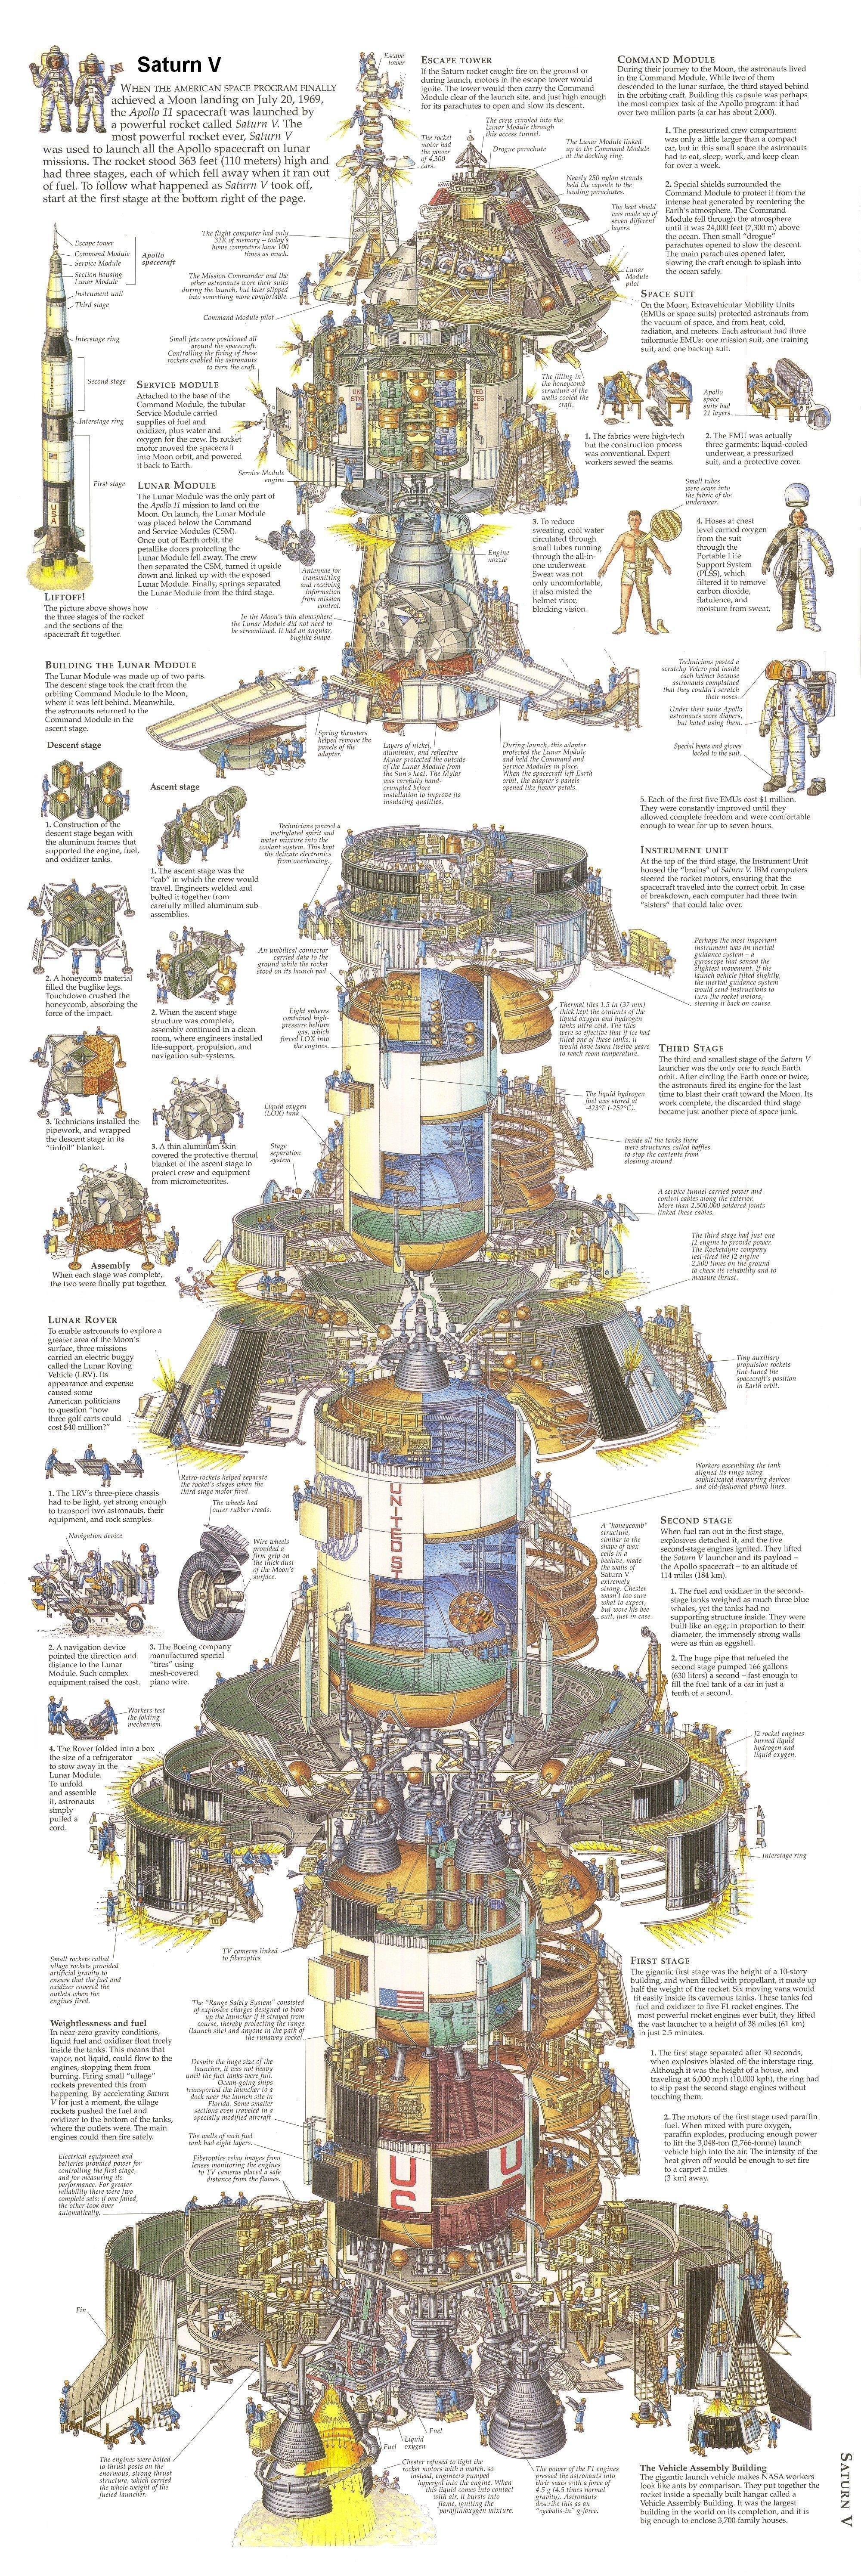 Сатурн 5. Даю ссылку на очень большую картинку, для тех, кто хочет все прочесть изнутри, интересно, как это сделано, познавательно, разрез